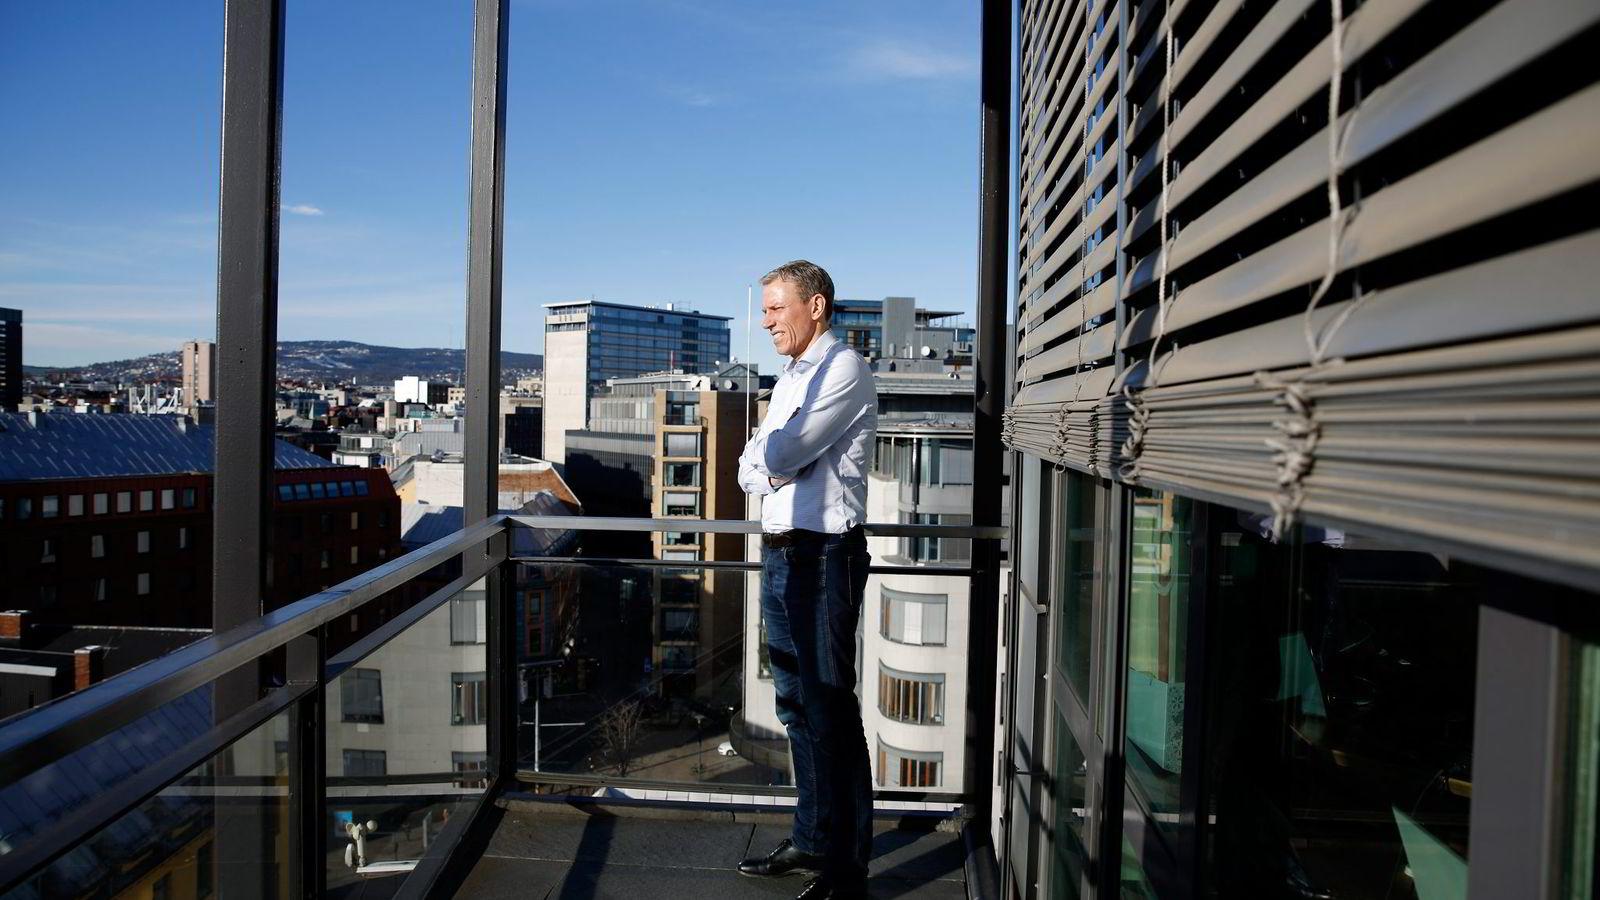 Oslo. 24.02.2016. Rolv Erik Ryssdal, adm. dir i Scibsted, er åpen for at flere mediehus må samarbeide for å ta opp kampen med Google og Facebook. Foto: Fredrik Bjerknes